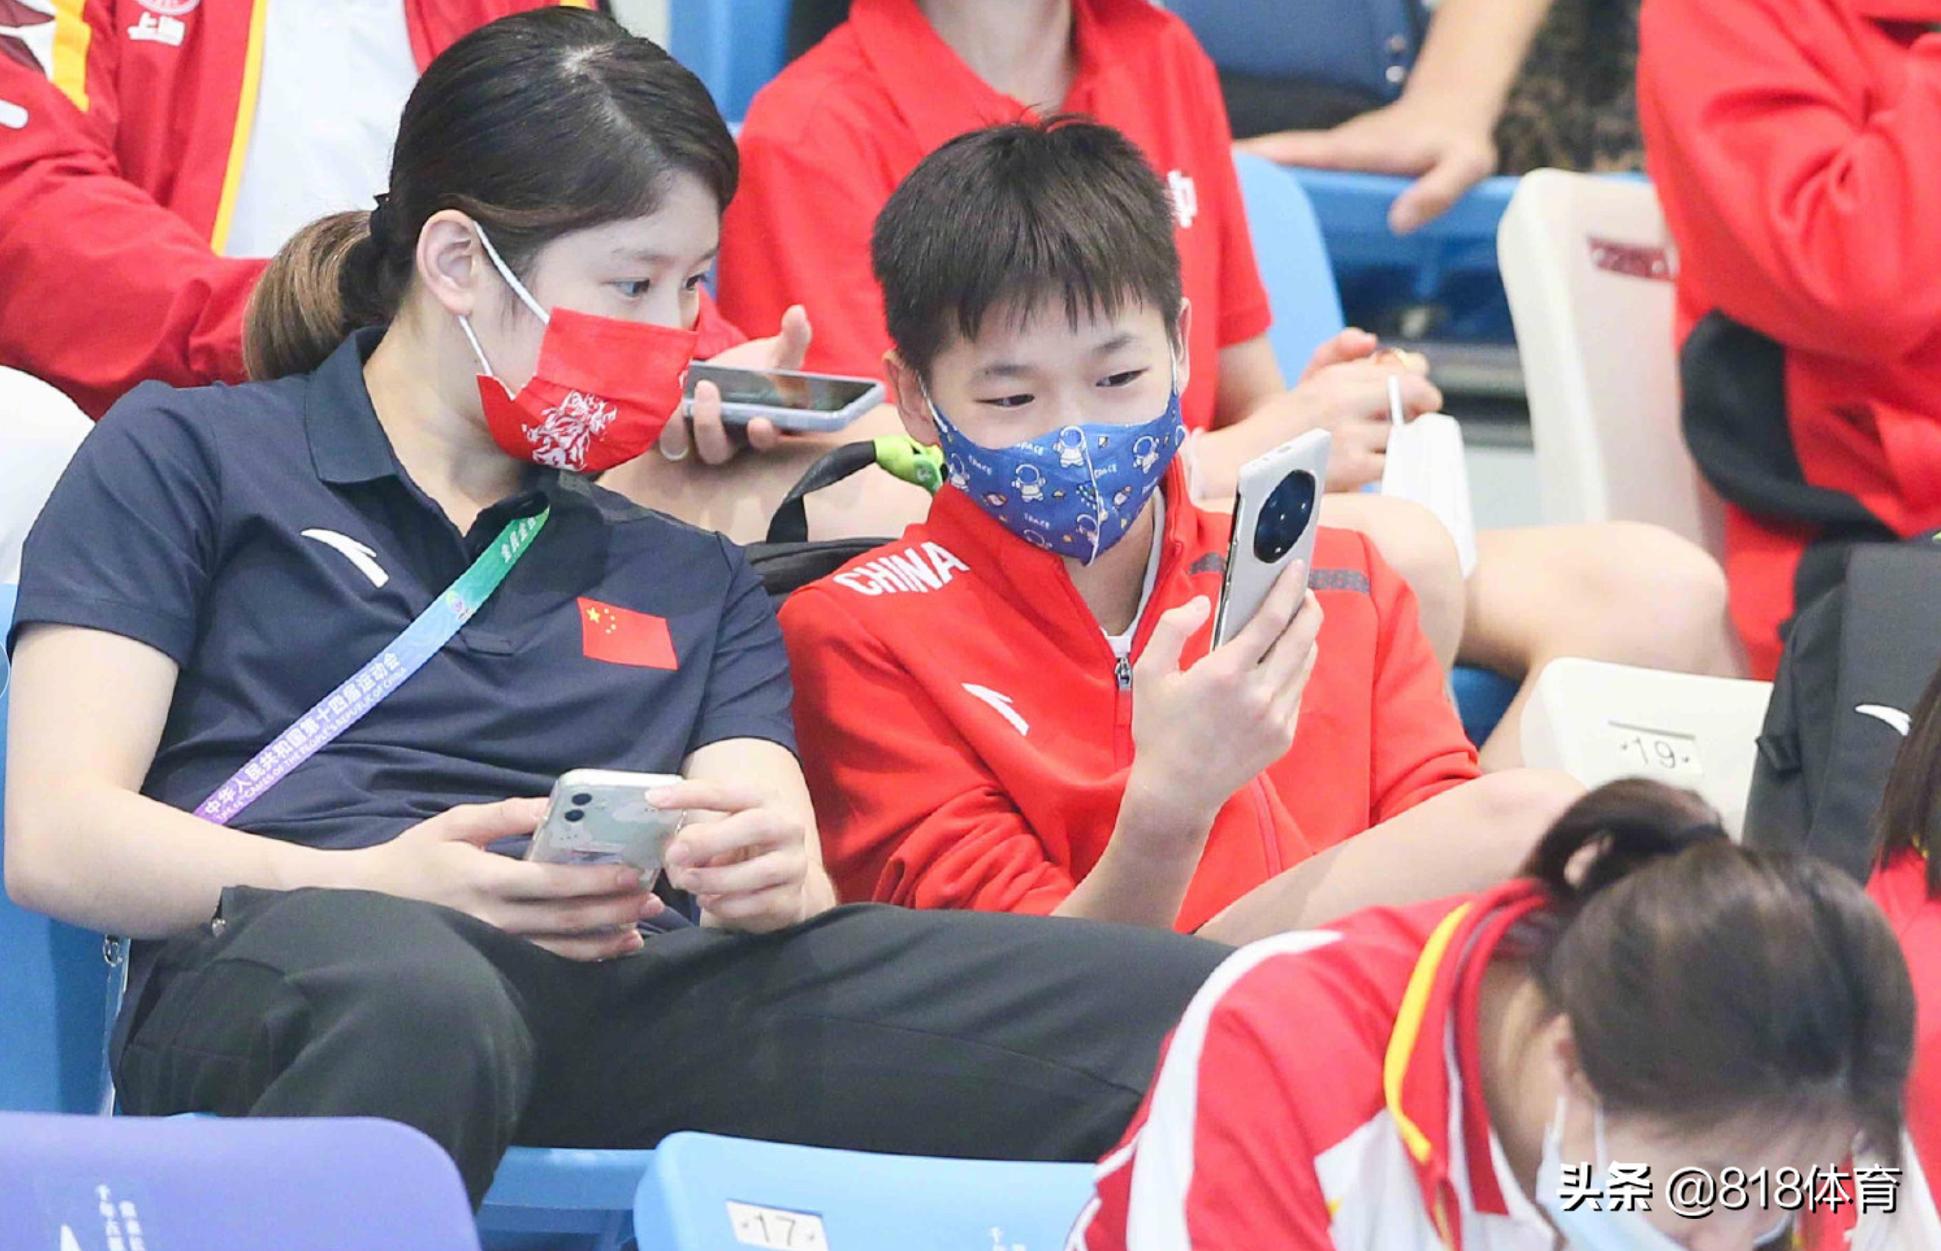 鸟枪换炮!全红婵看台把玩9000元新手机,奥运前只用得起国产千元机